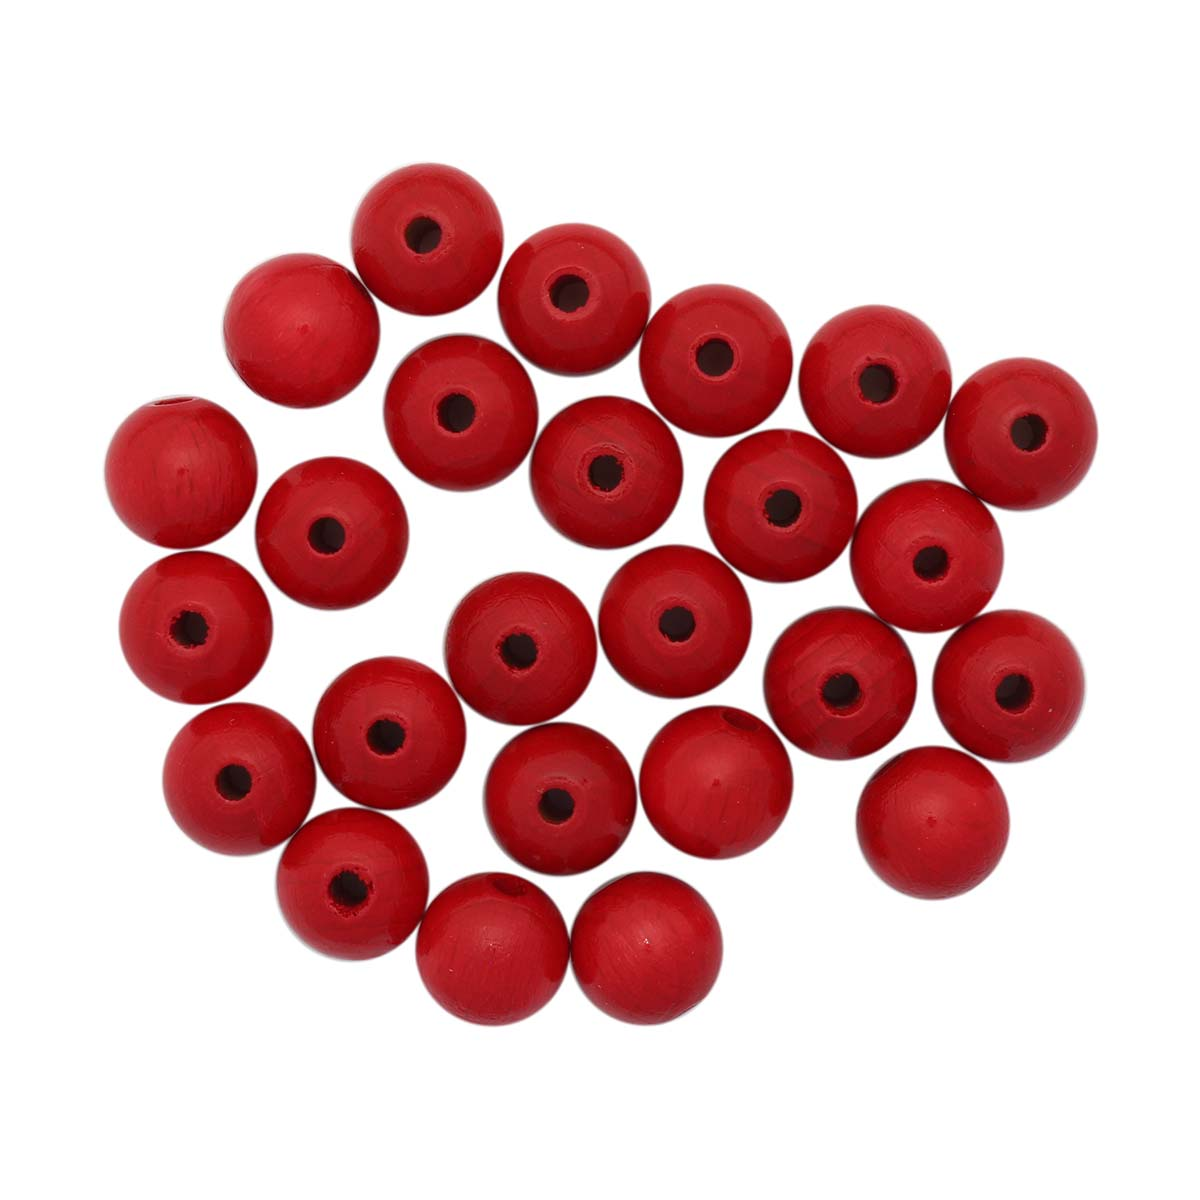 61655005 Бусины деревянные, красный, 12 мм, упак./28 шт., Glorex